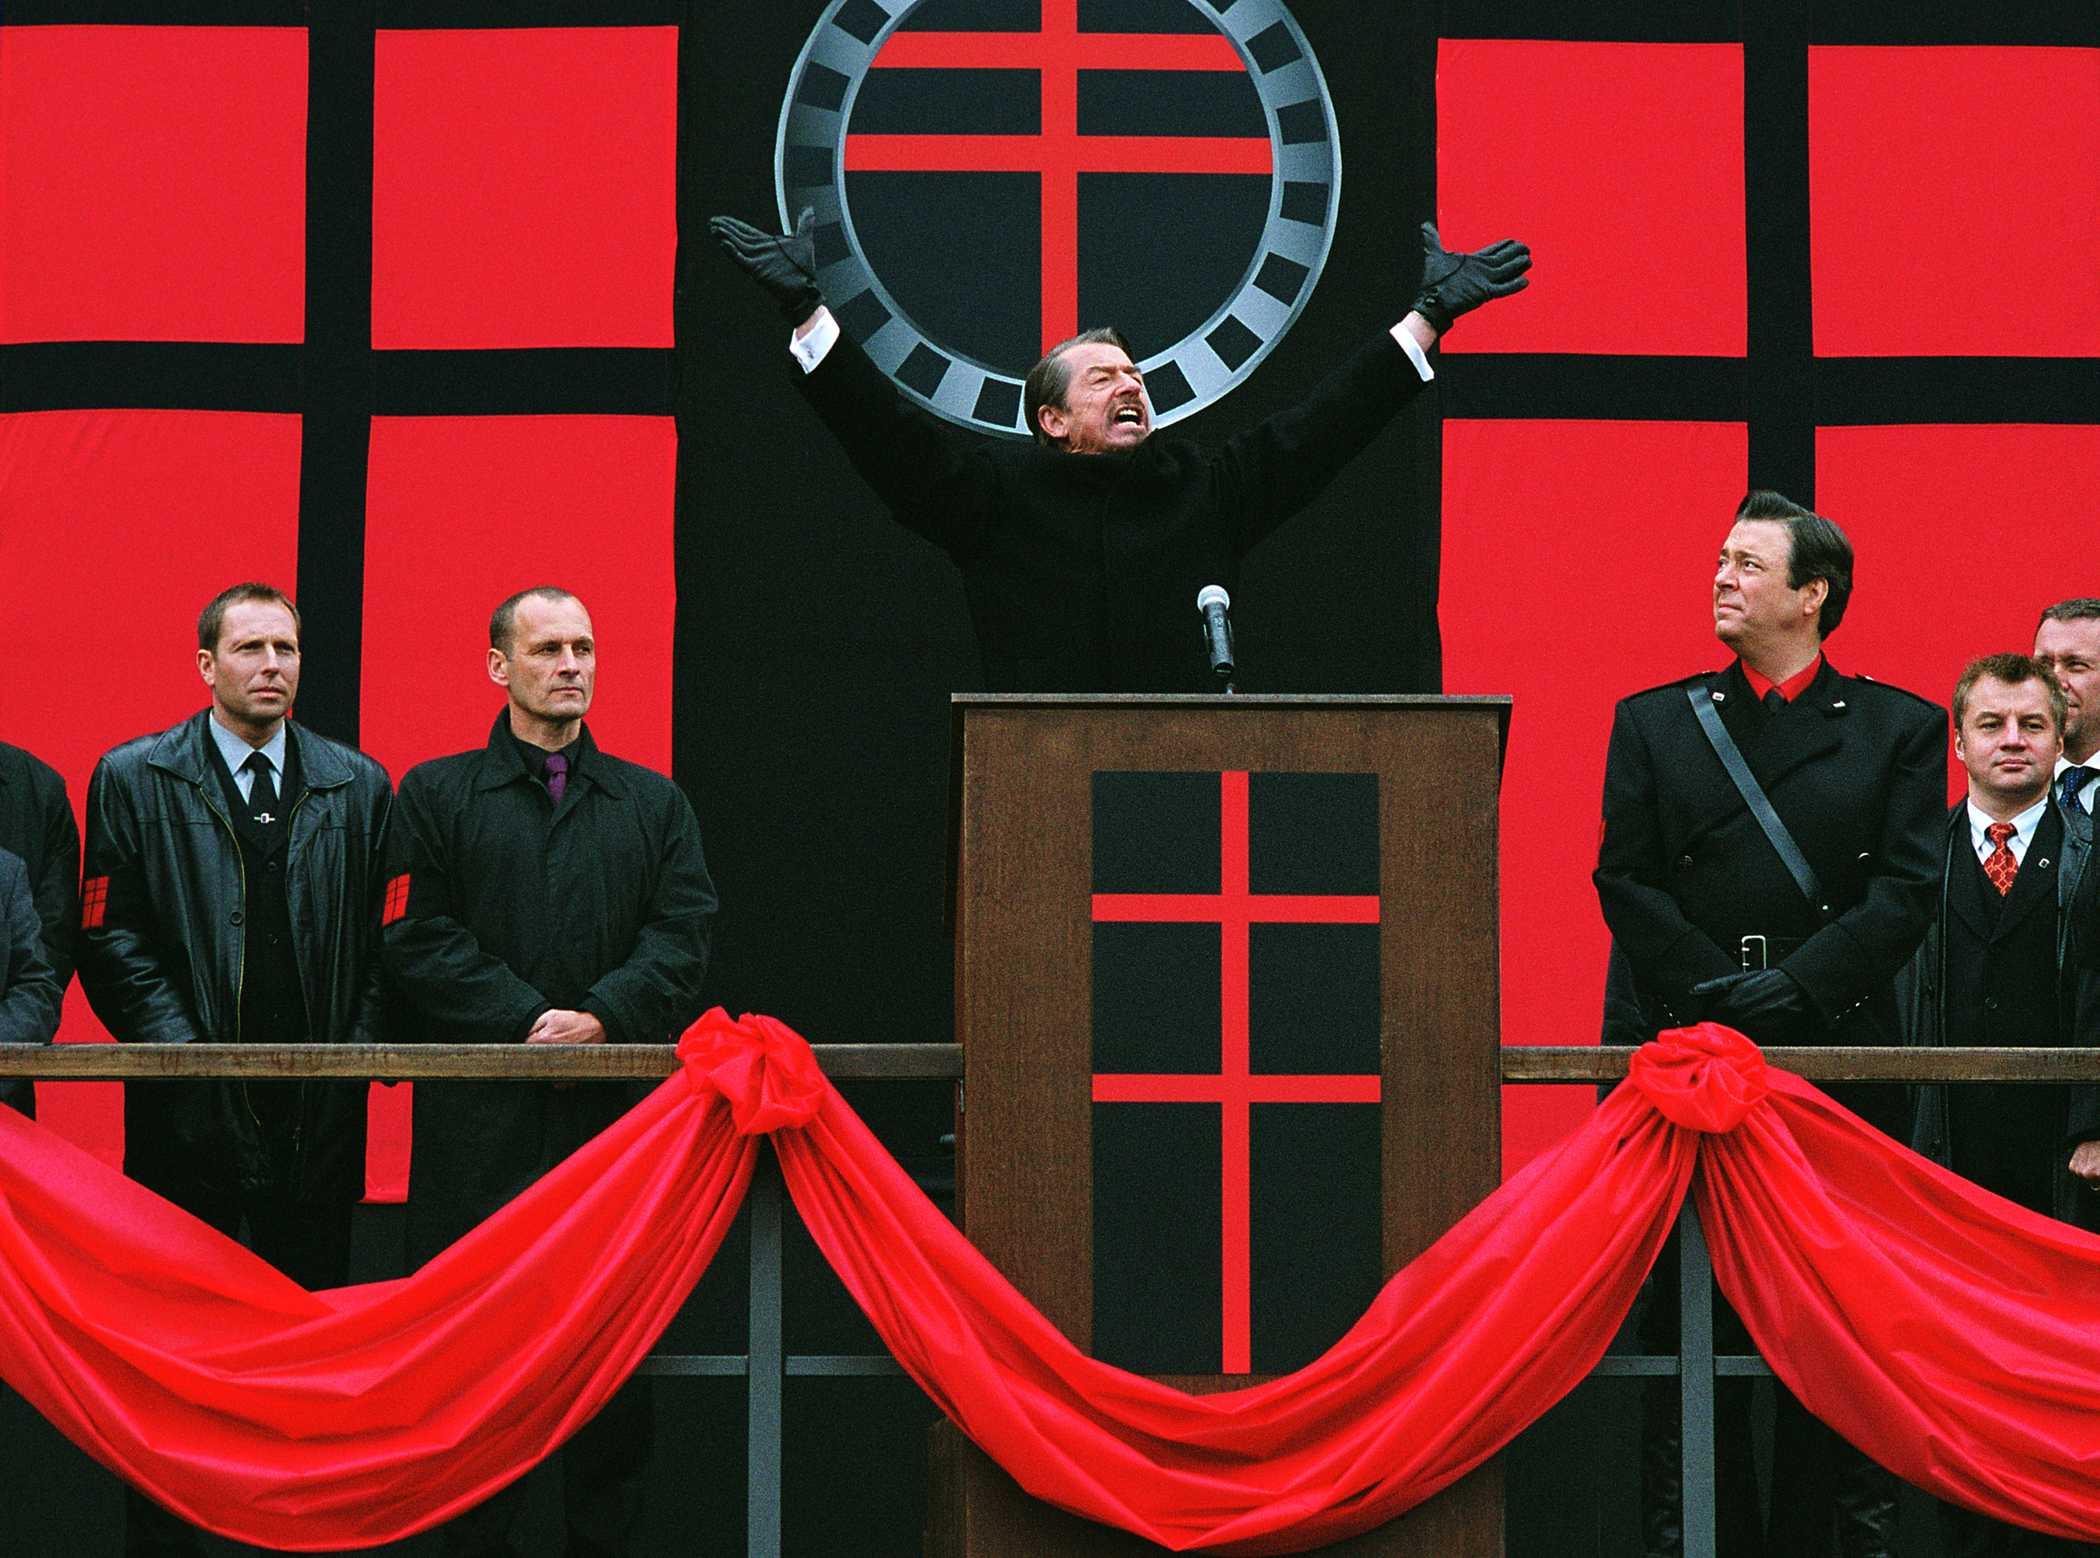 V for Vendetta John Hurt